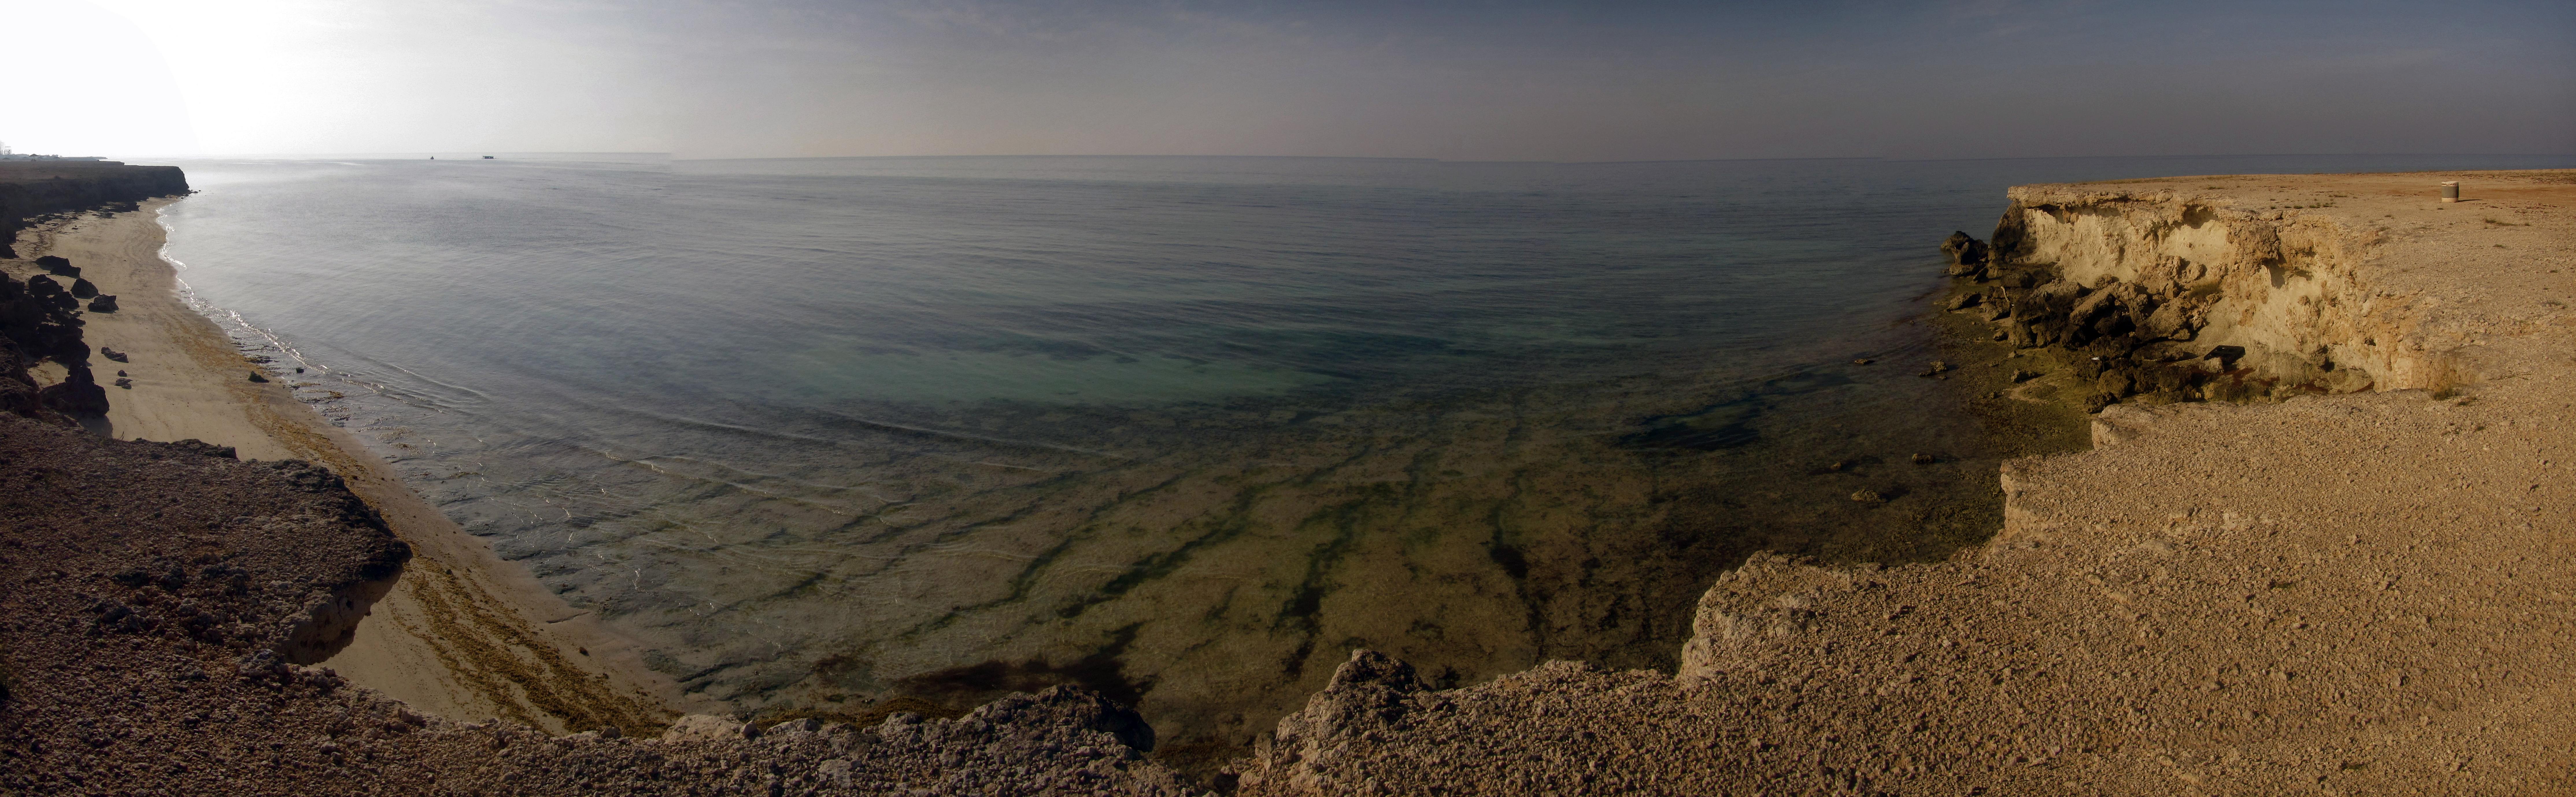 sea beach iran tmi 1000views kishisland 99favorites